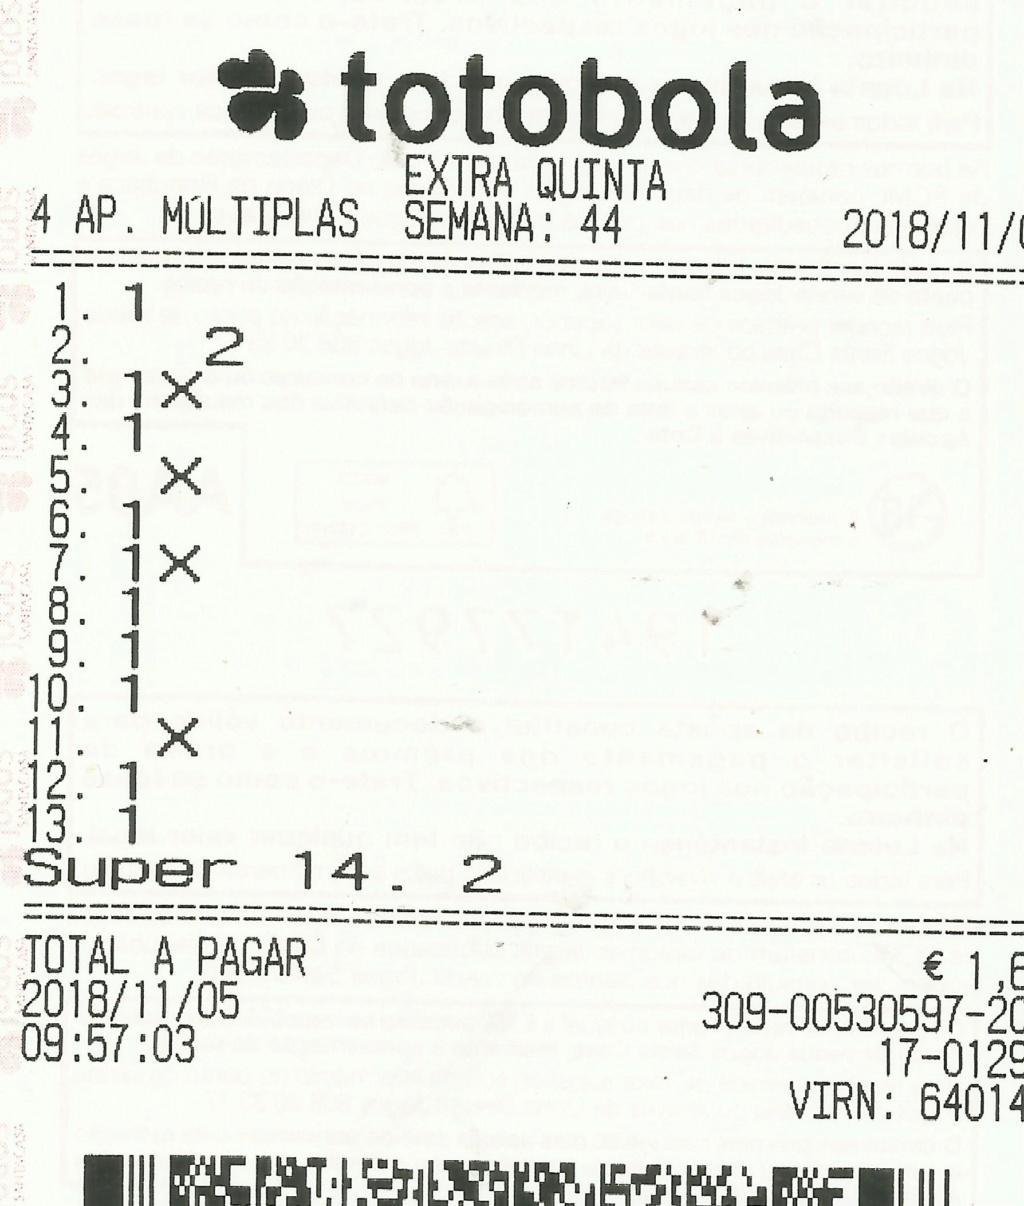 Totobola - Opiniões para o concurso 44_Extra/2018 Totob133